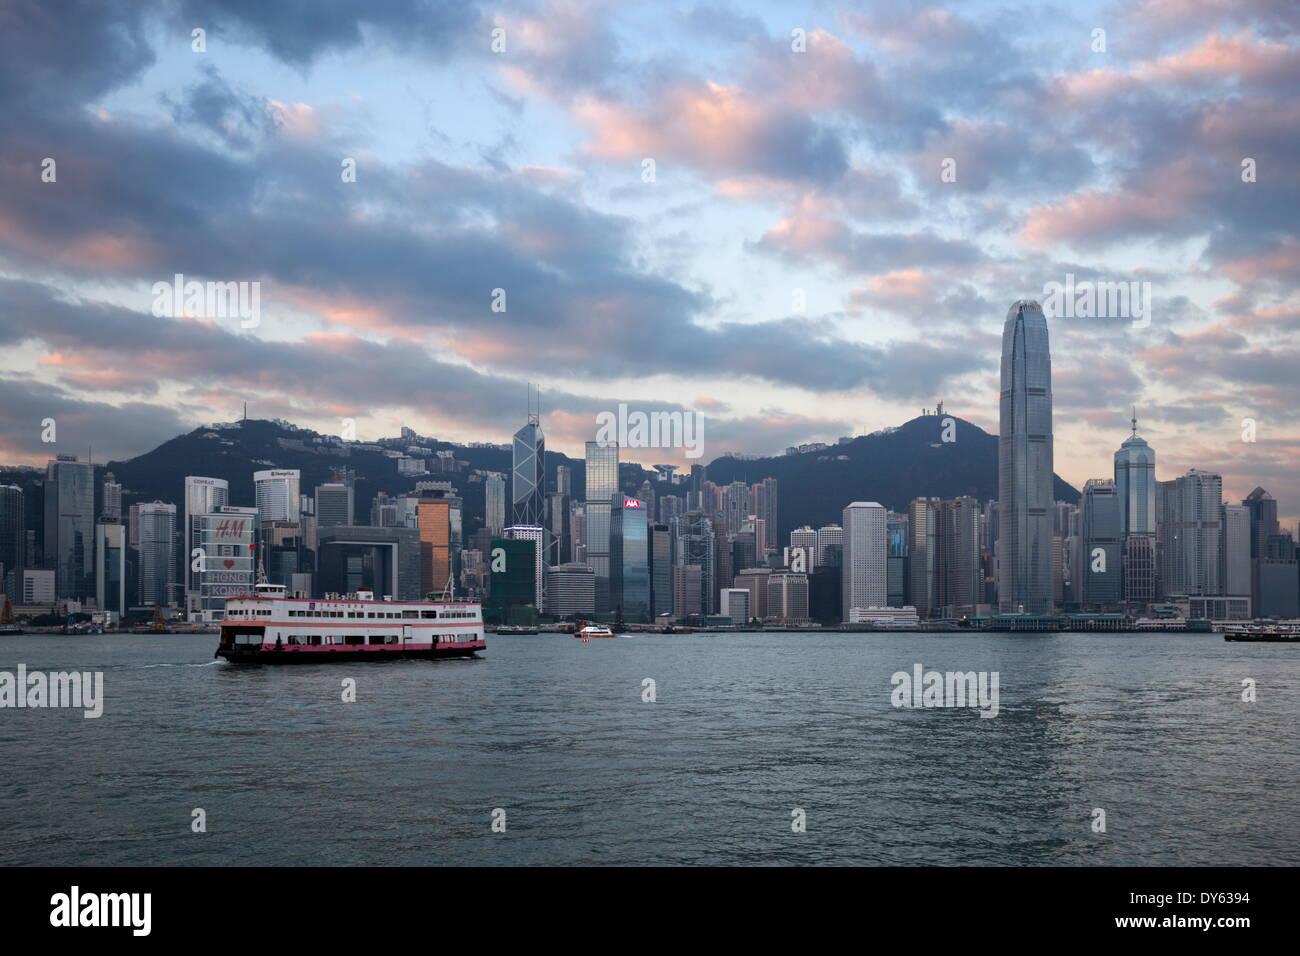 Vue sur le port de Victoria sur l'île de Hong Kong et le pic au crépuscule, Hong Kong, Chine, Asie Photo Stock